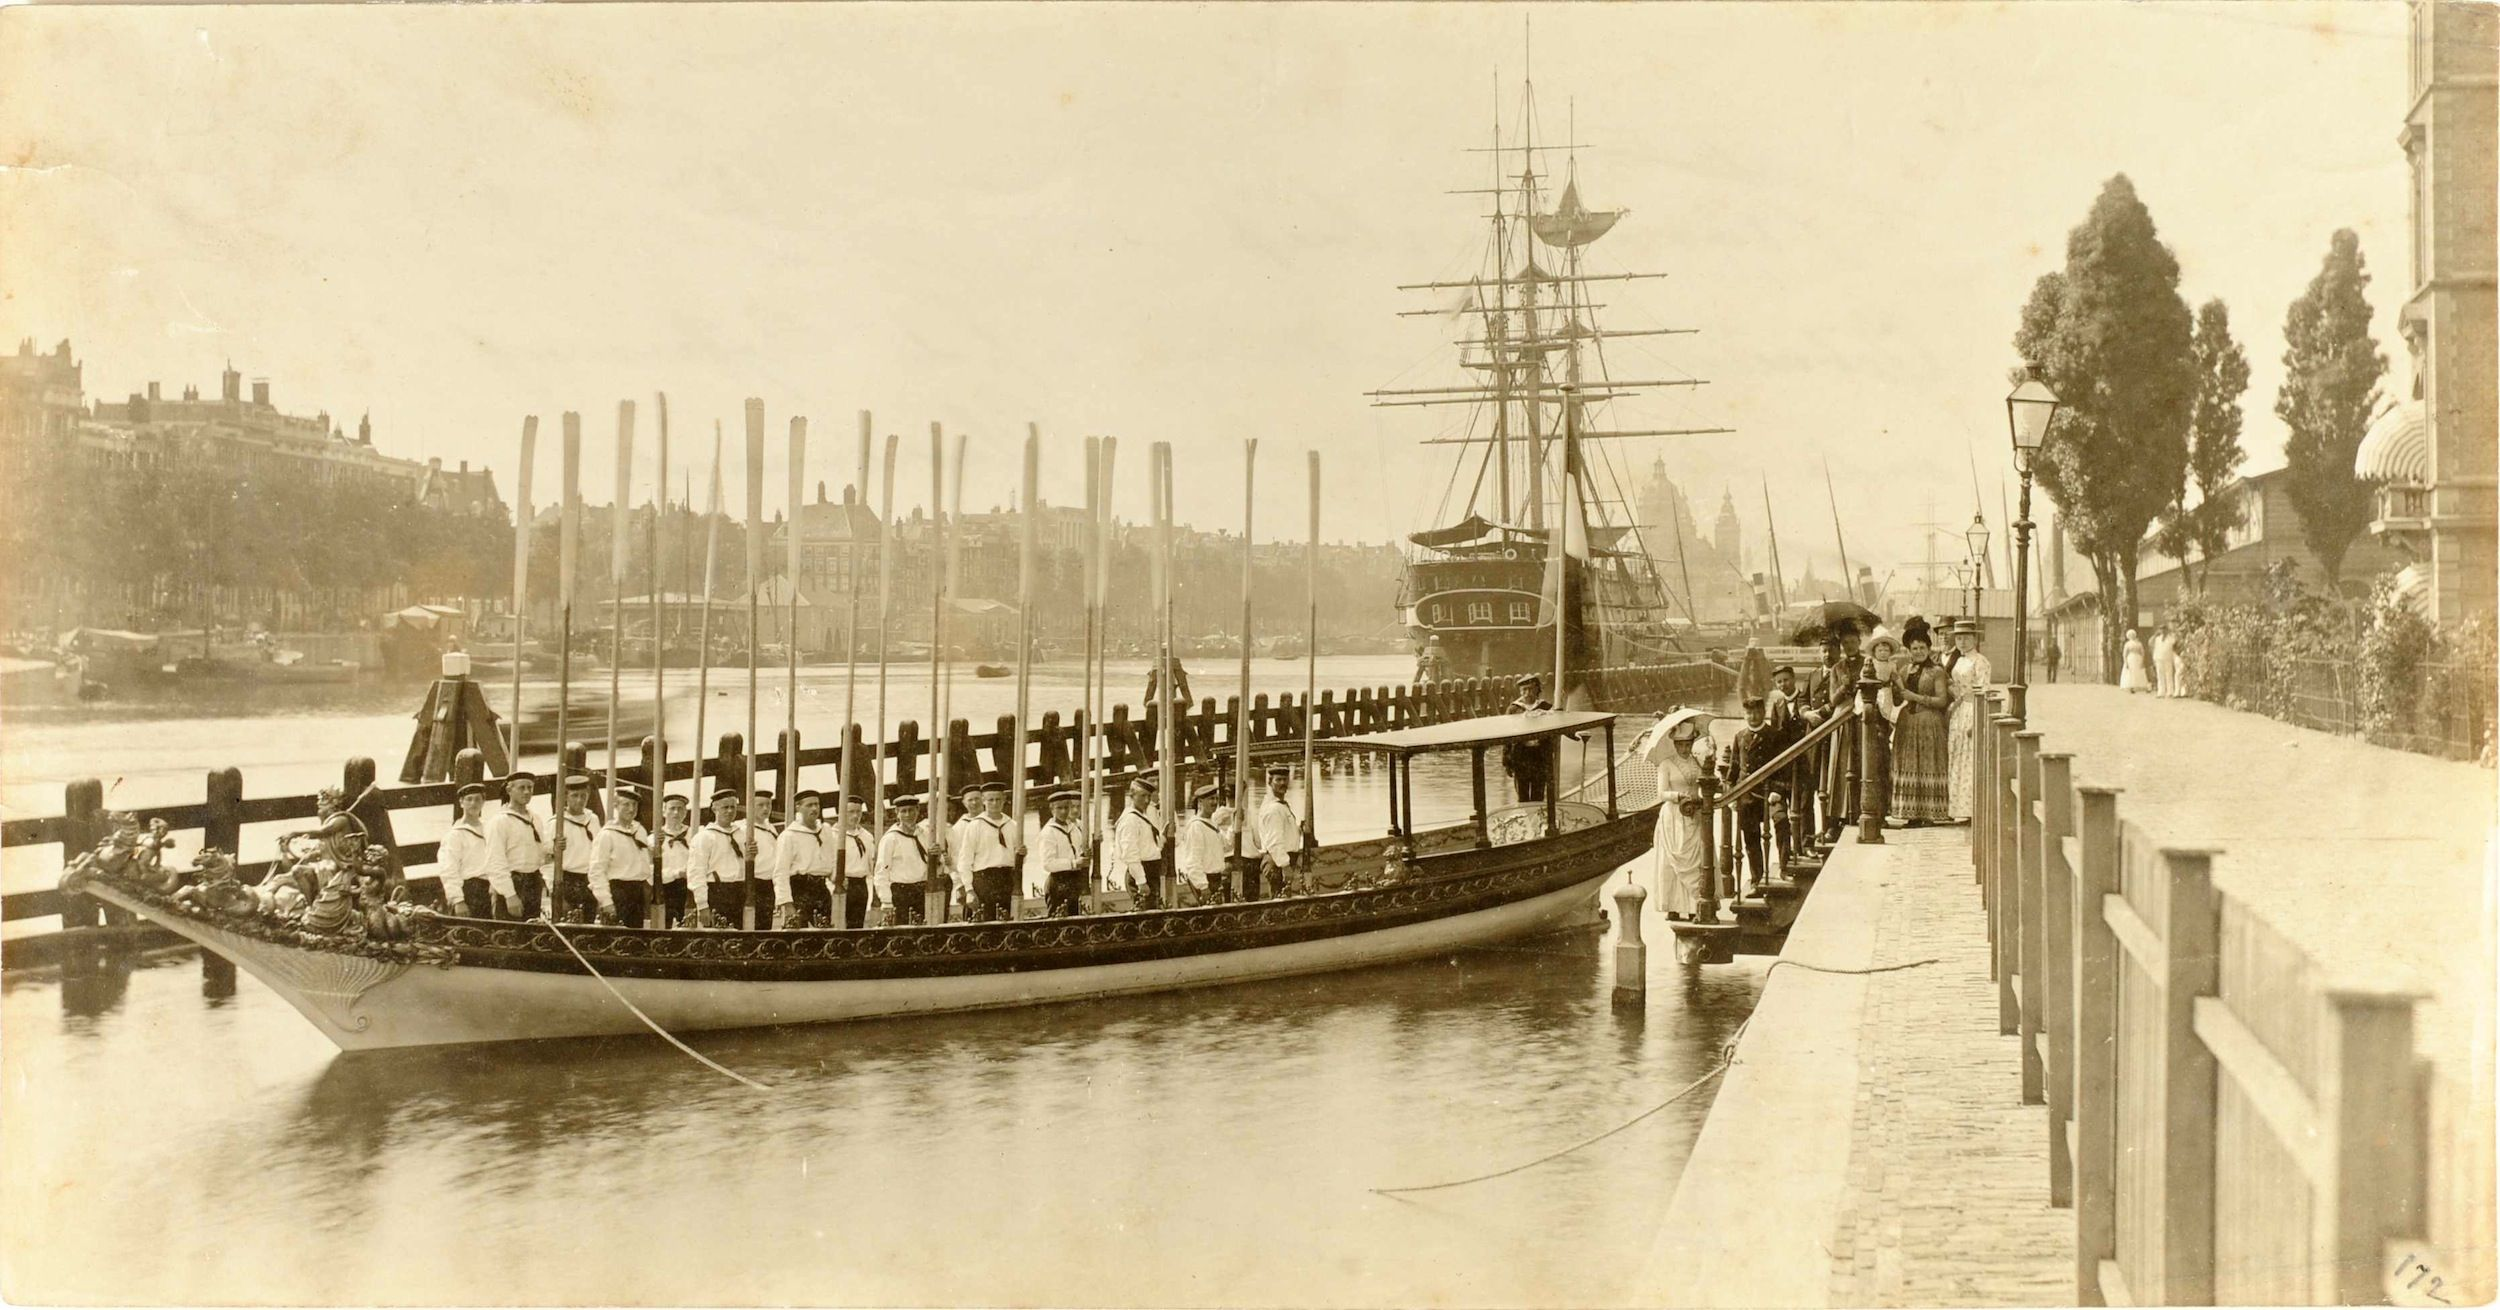 De Koningssloep in het Oosterdok, rond 1900